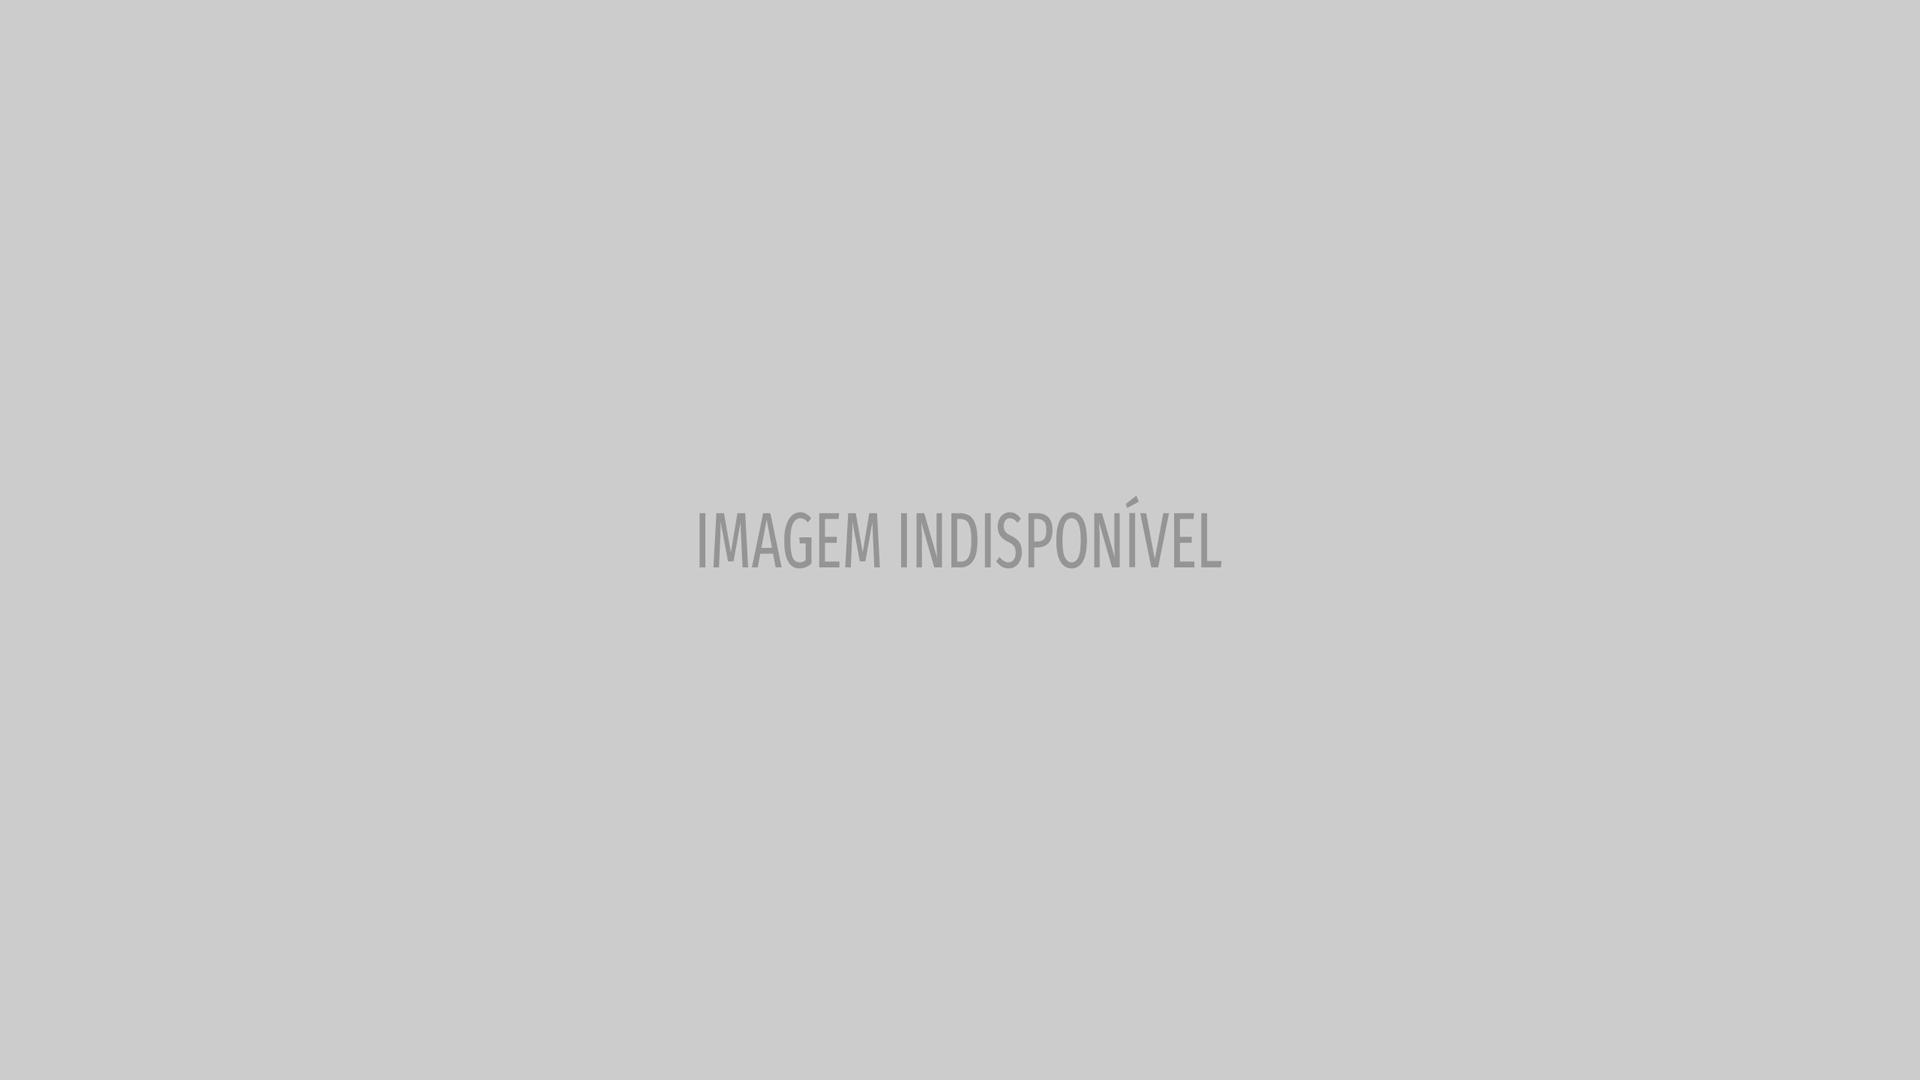 Casada com britânico, Ludmila Dayer assume 'Middleton' no sobrenome